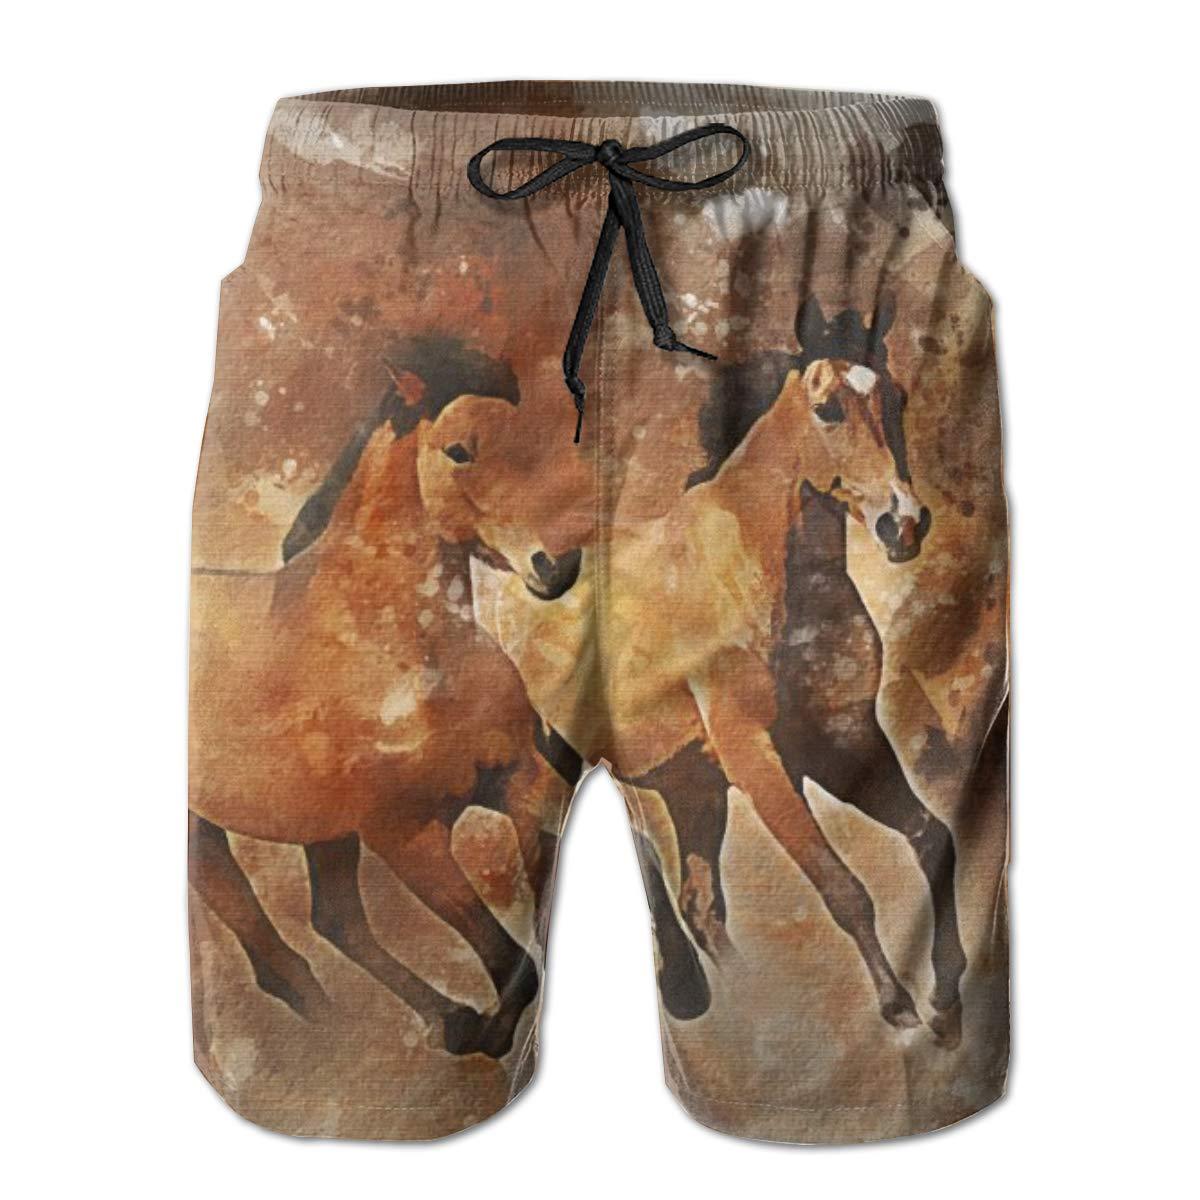 SARA NELL Mens Swim Trunks Running Horses Animal Surfing Beach Board Shorts Swimwear